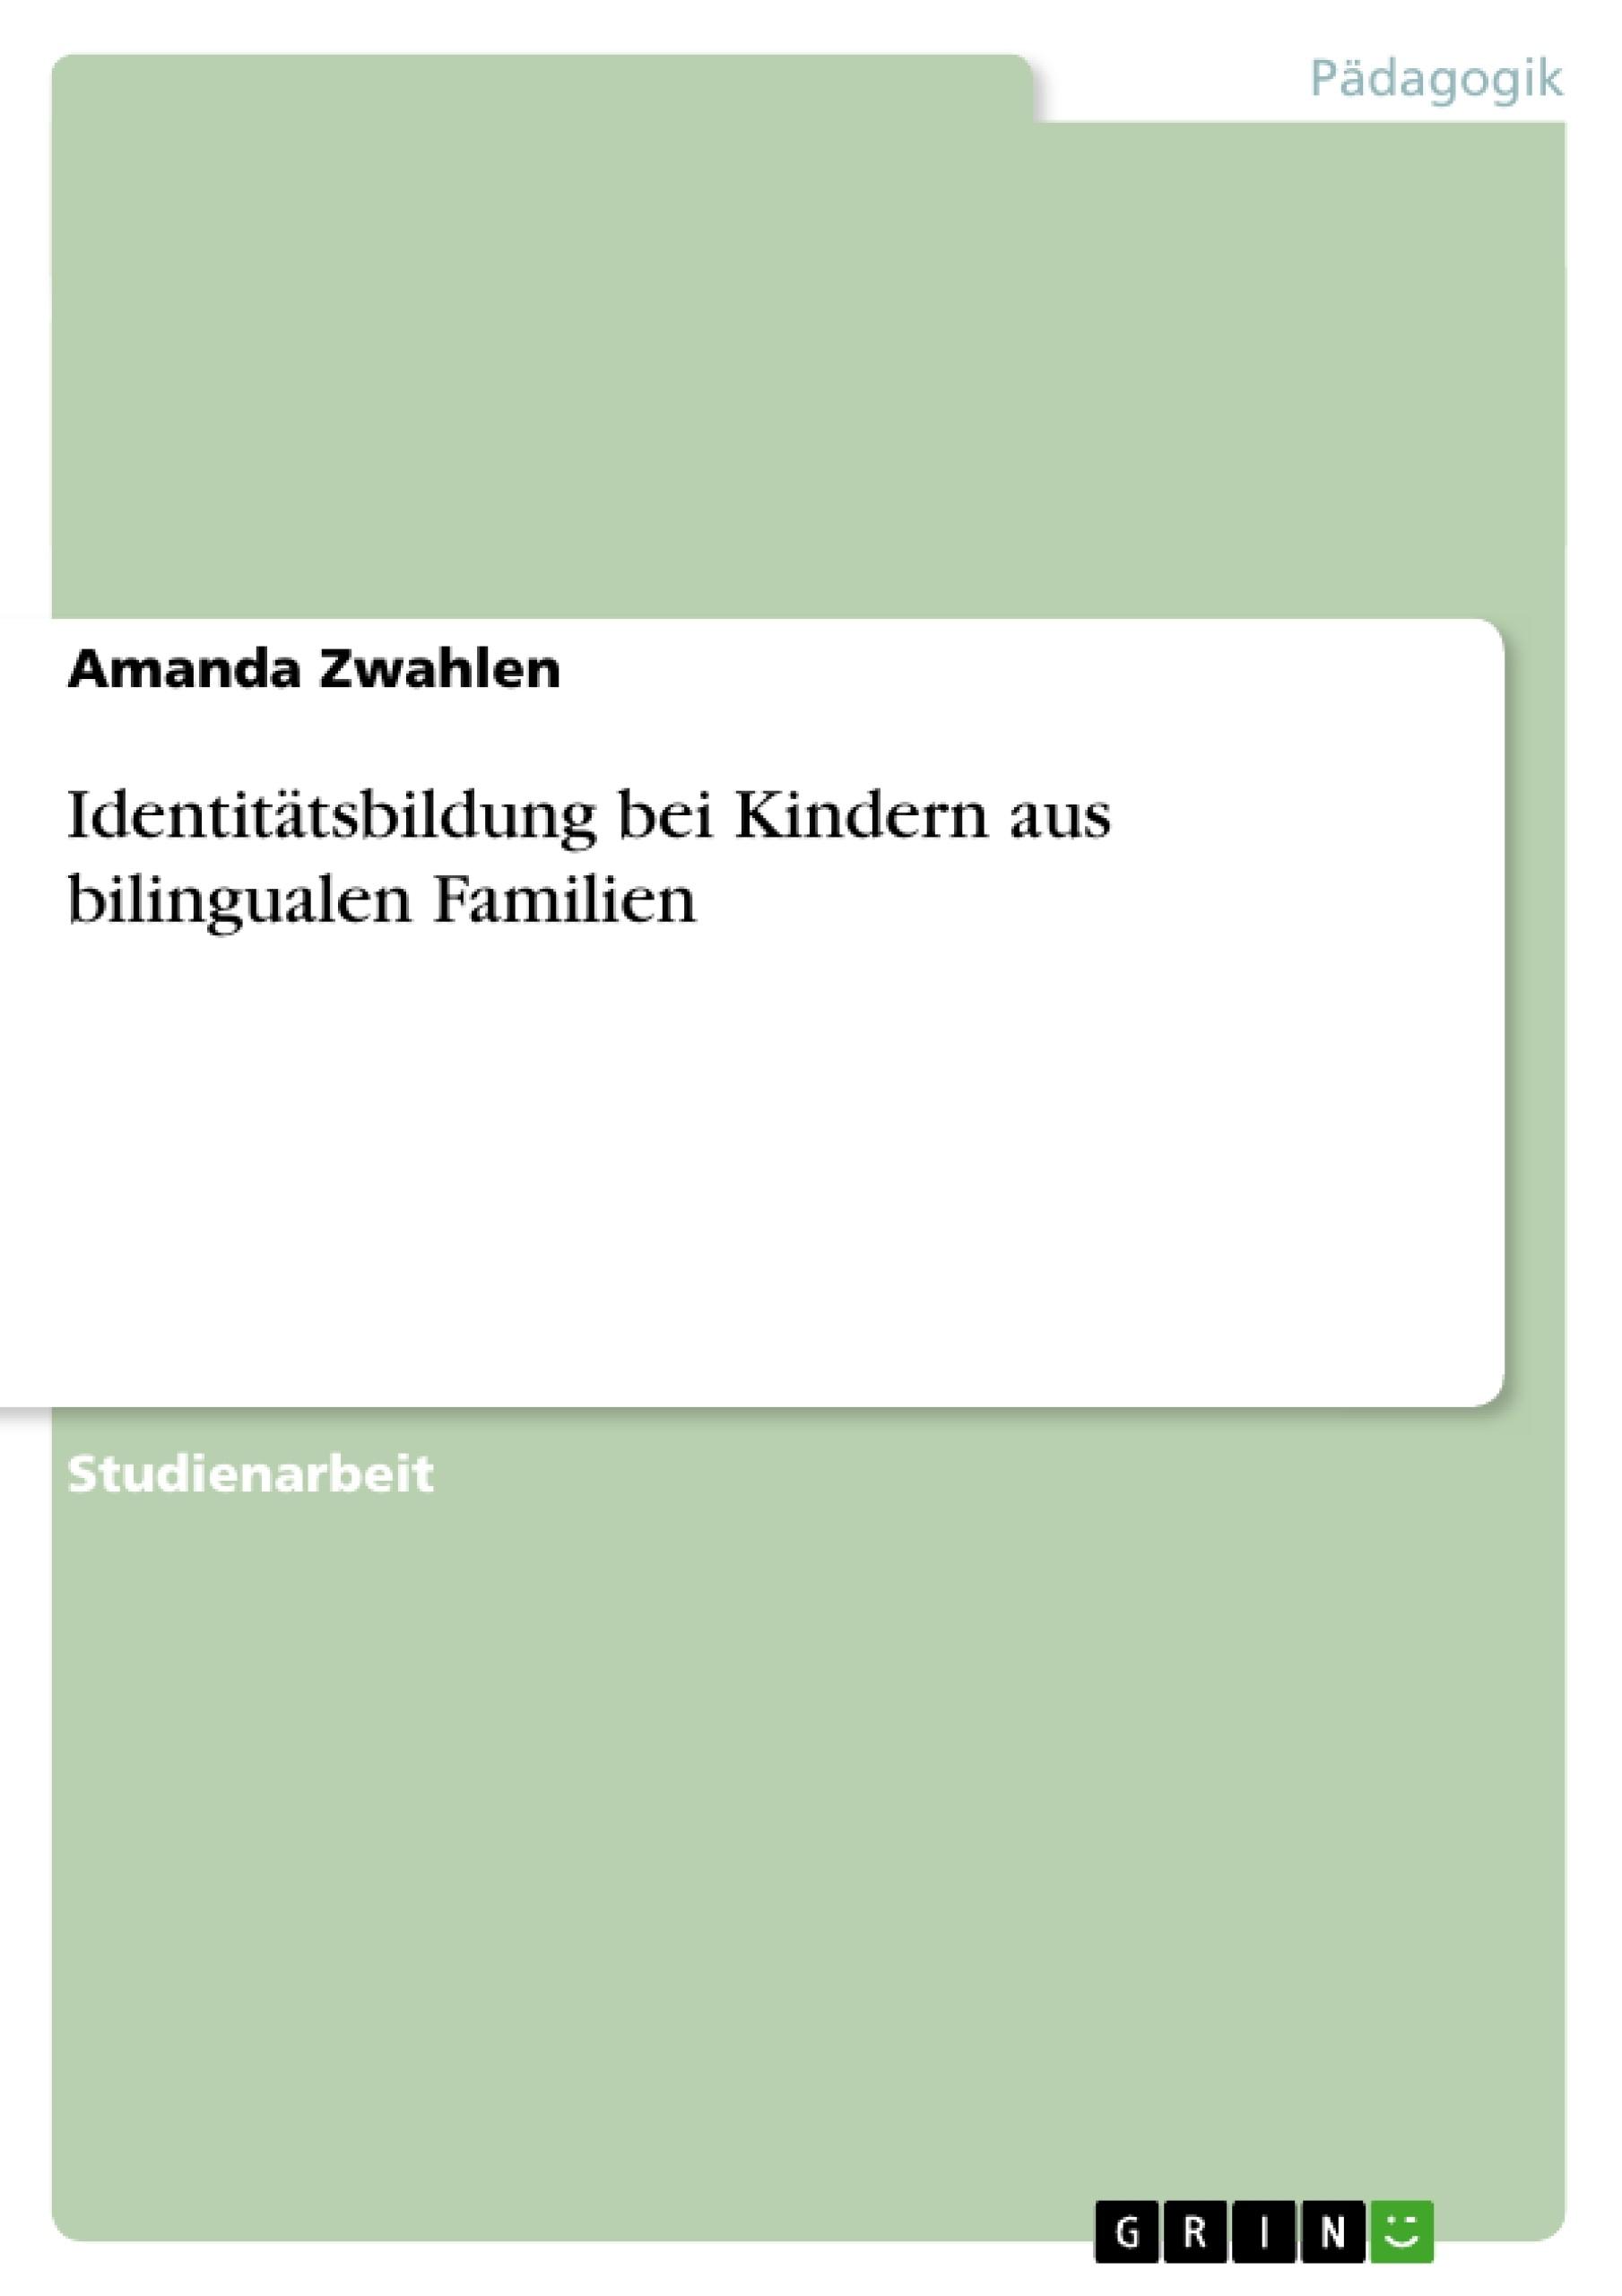 Titel: Identitätsbildung bei Kindern aus bilingualen Familien